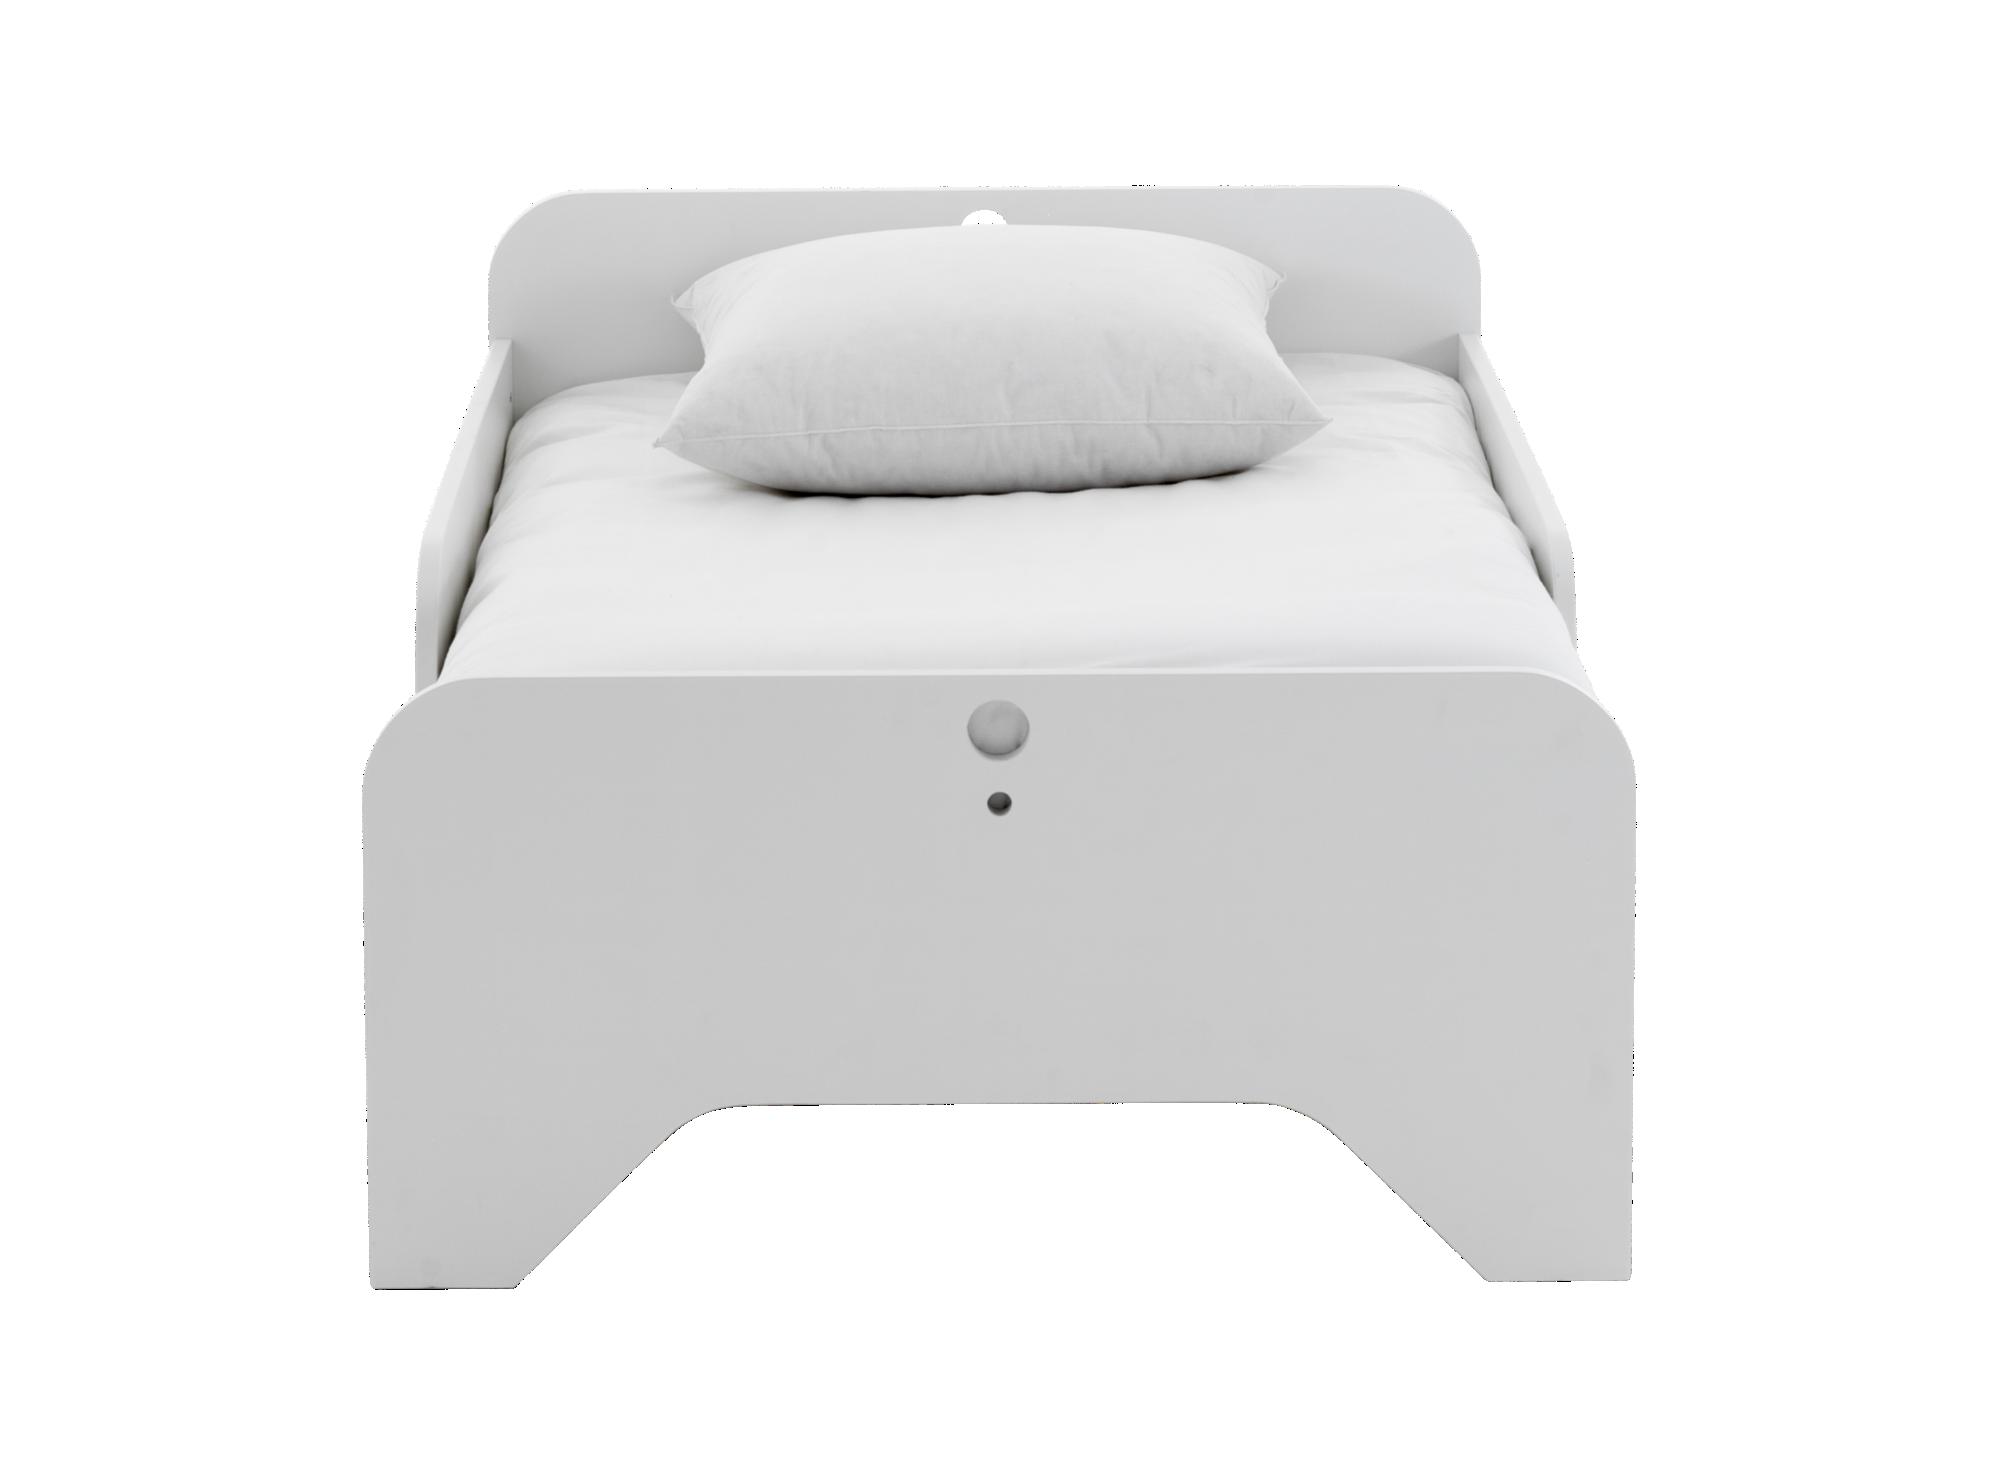 lit evolutif 90x200cm blanc lit enfant lit literie fly. Black Bedroom Furniture Sets. Home Design Ideas